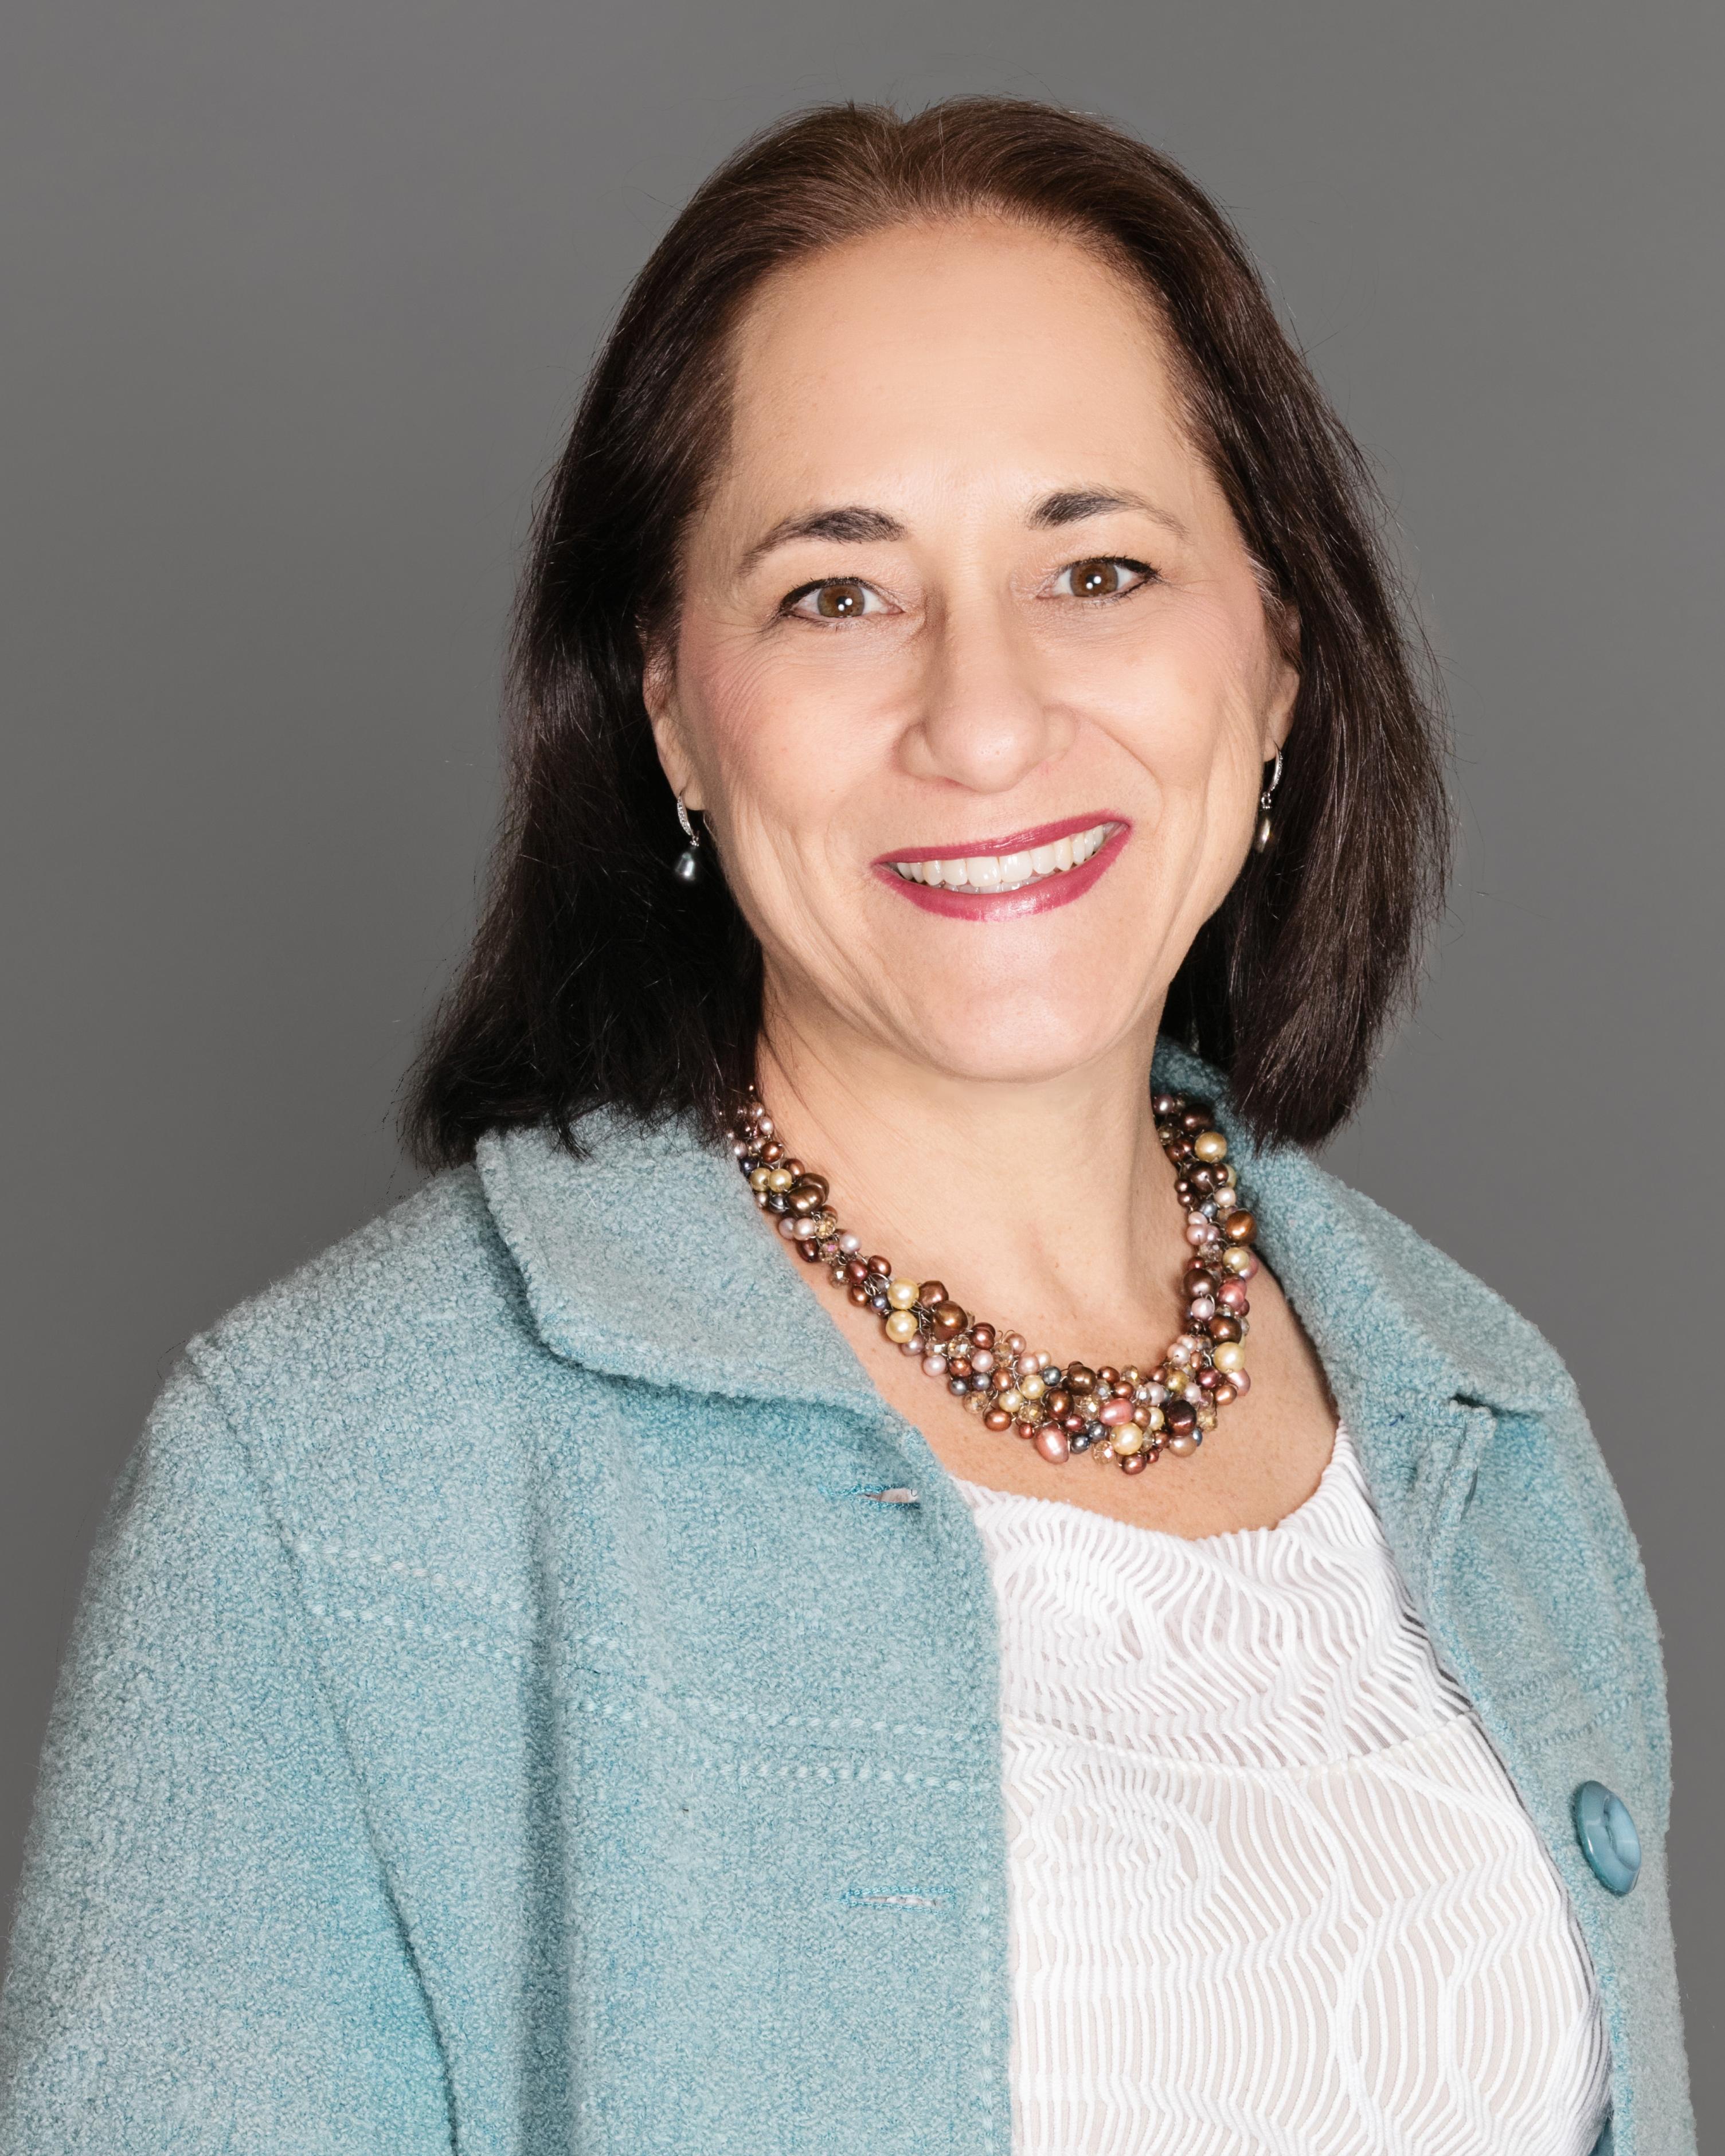 Deborah  G. Kramer Radin